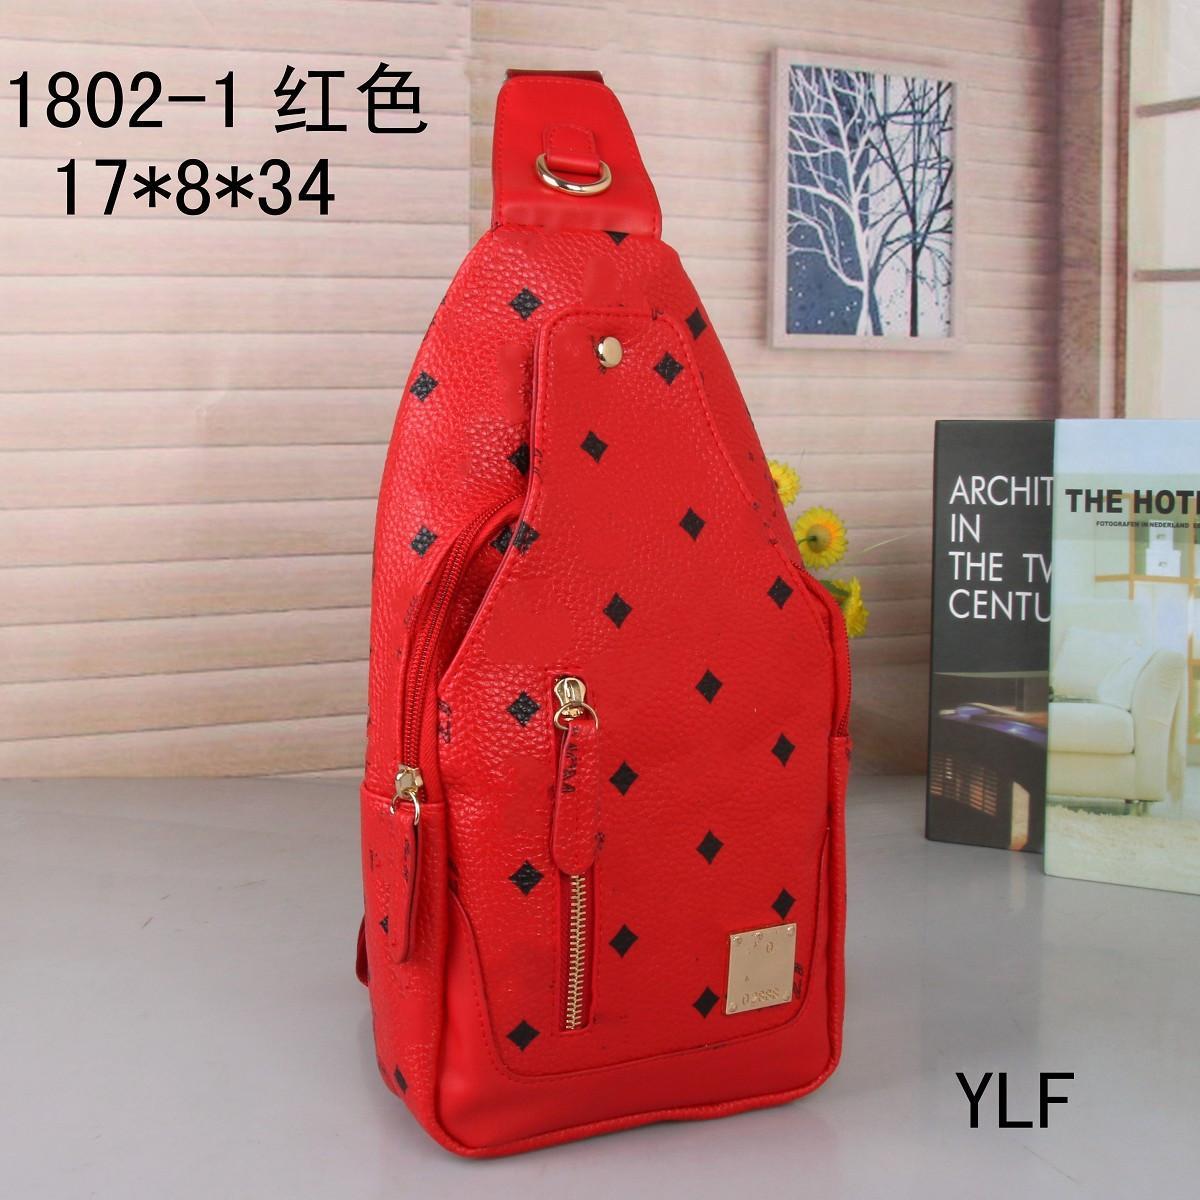 Noel Marka Eski Çiçek Klasik Sırt Çantası PU Deri Tasarımcı Crossbody Omuz Çantası Moda Çantalar Grils Çanta Çanta Messenger Çanta Kırmızı Beyaz Siyah